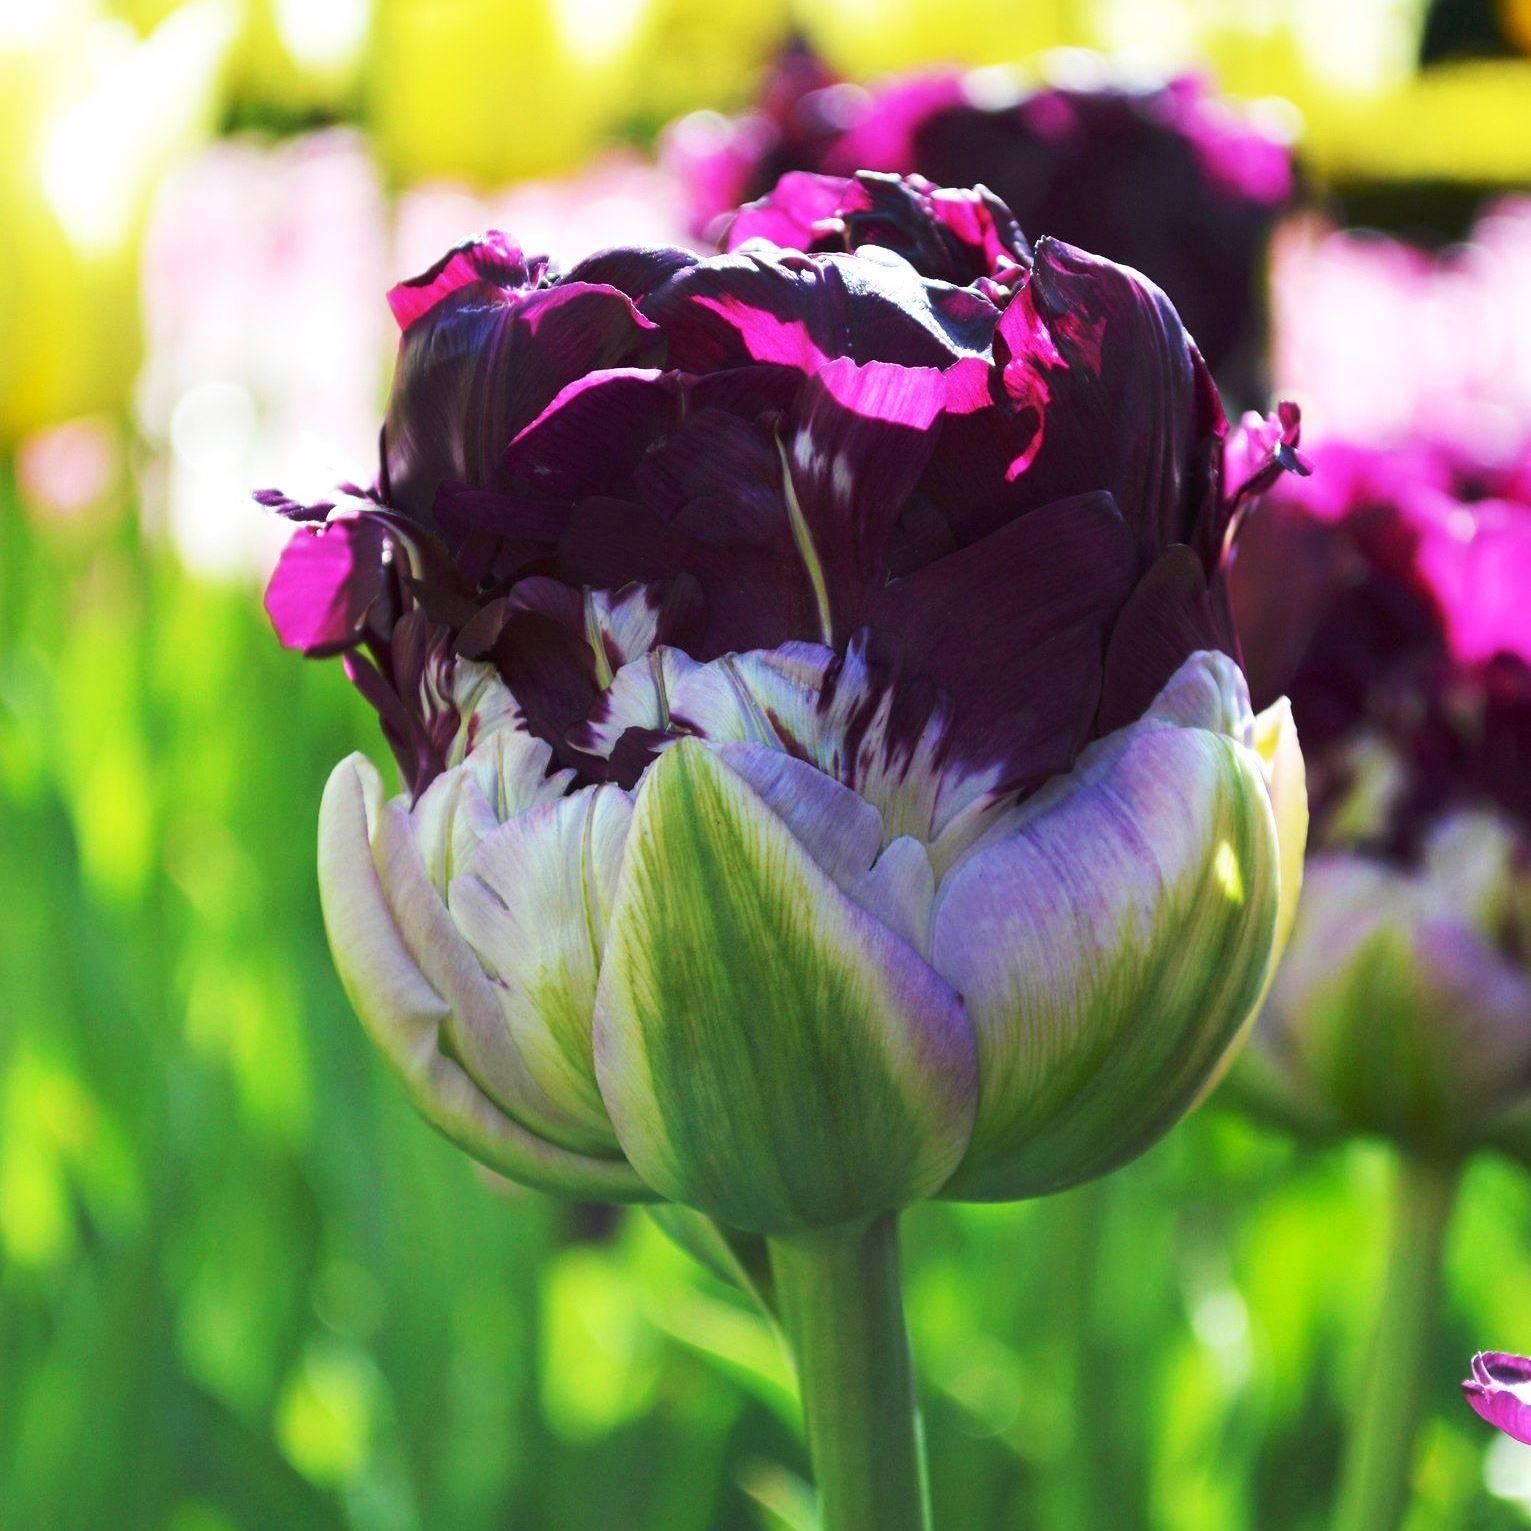 Голландские тюльпаны (33 фото): названия выгоночных сортов. можно ли вывозить тюльпаны «рейнбоу» с их родины - голландии?